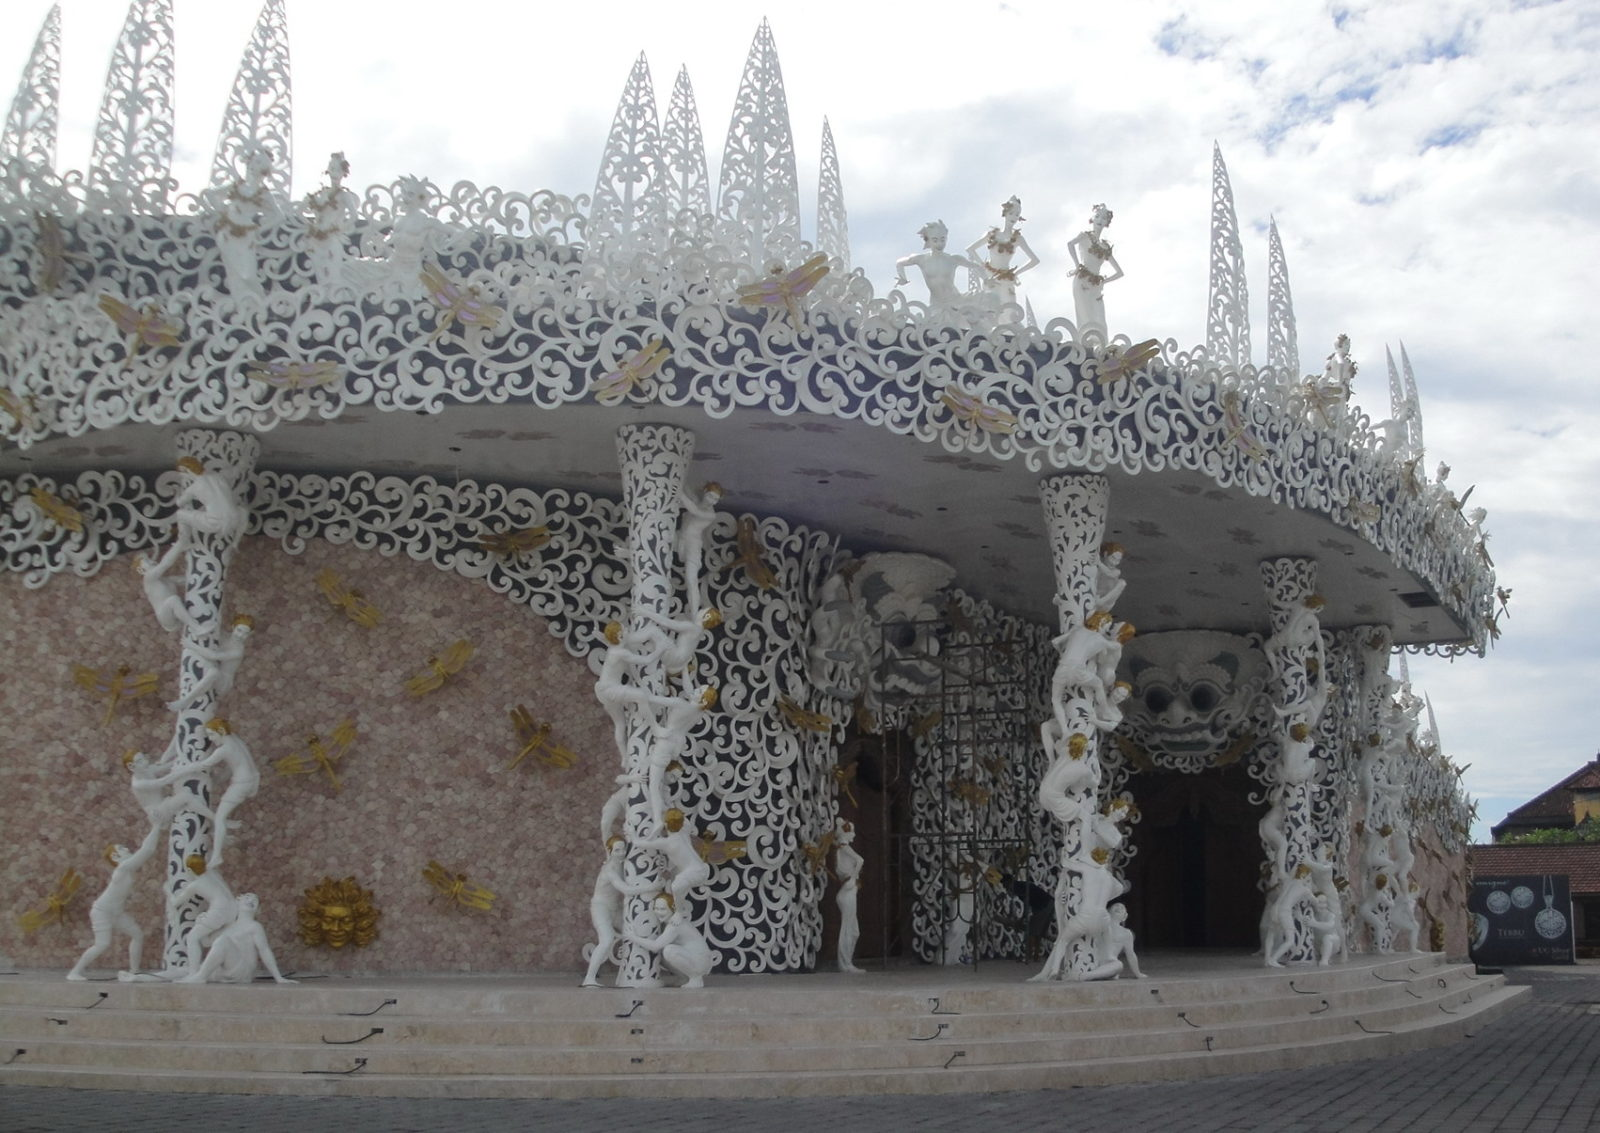 Ювелирная фабрика на Бали